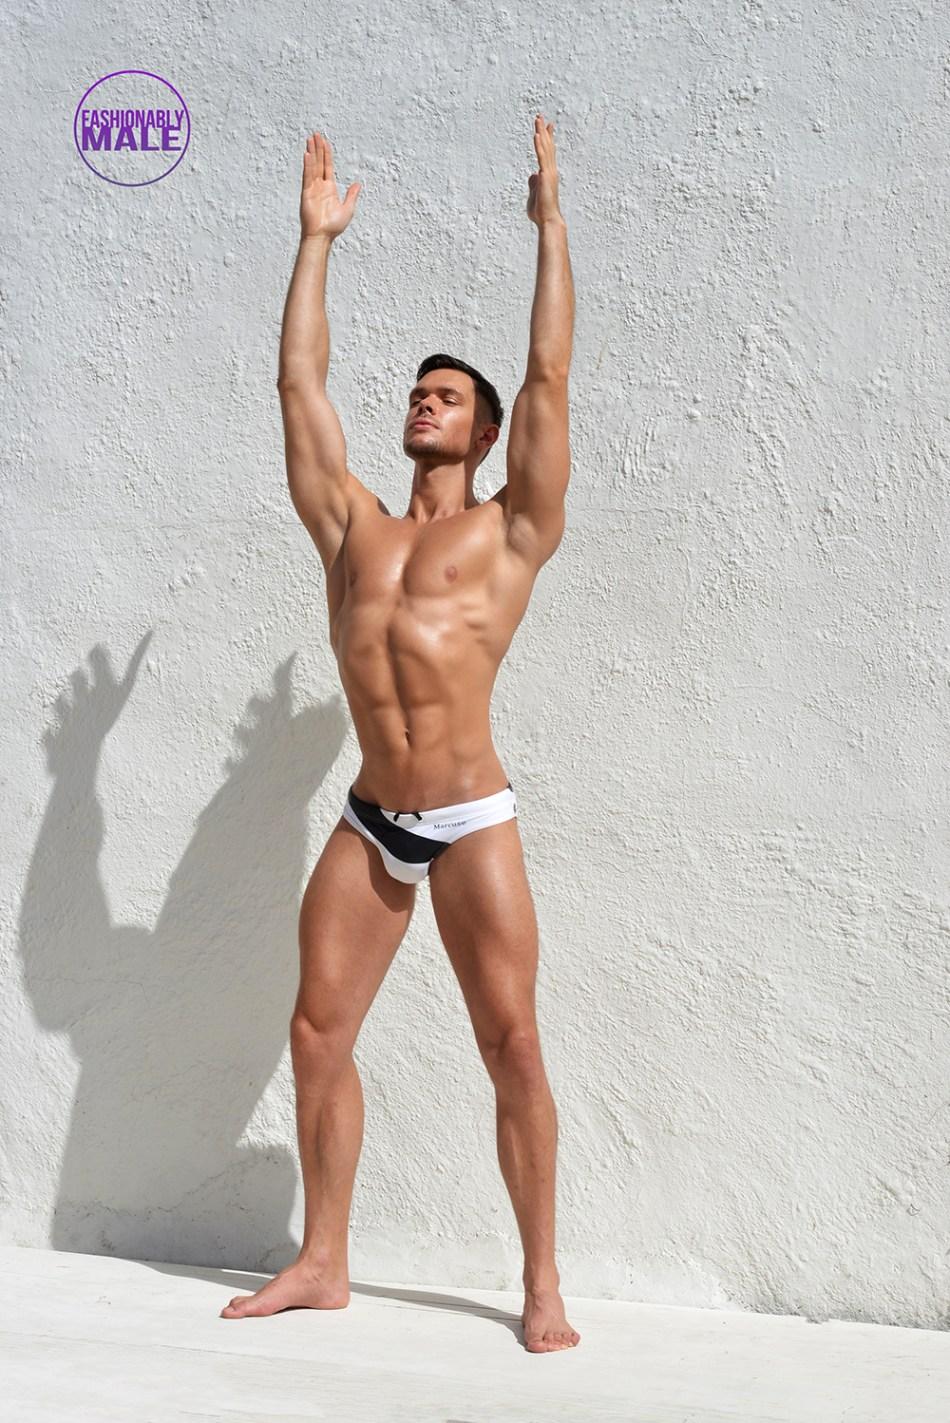 We Find Very Sexy Alex Ragozin in Shots by Matthew Mitchell